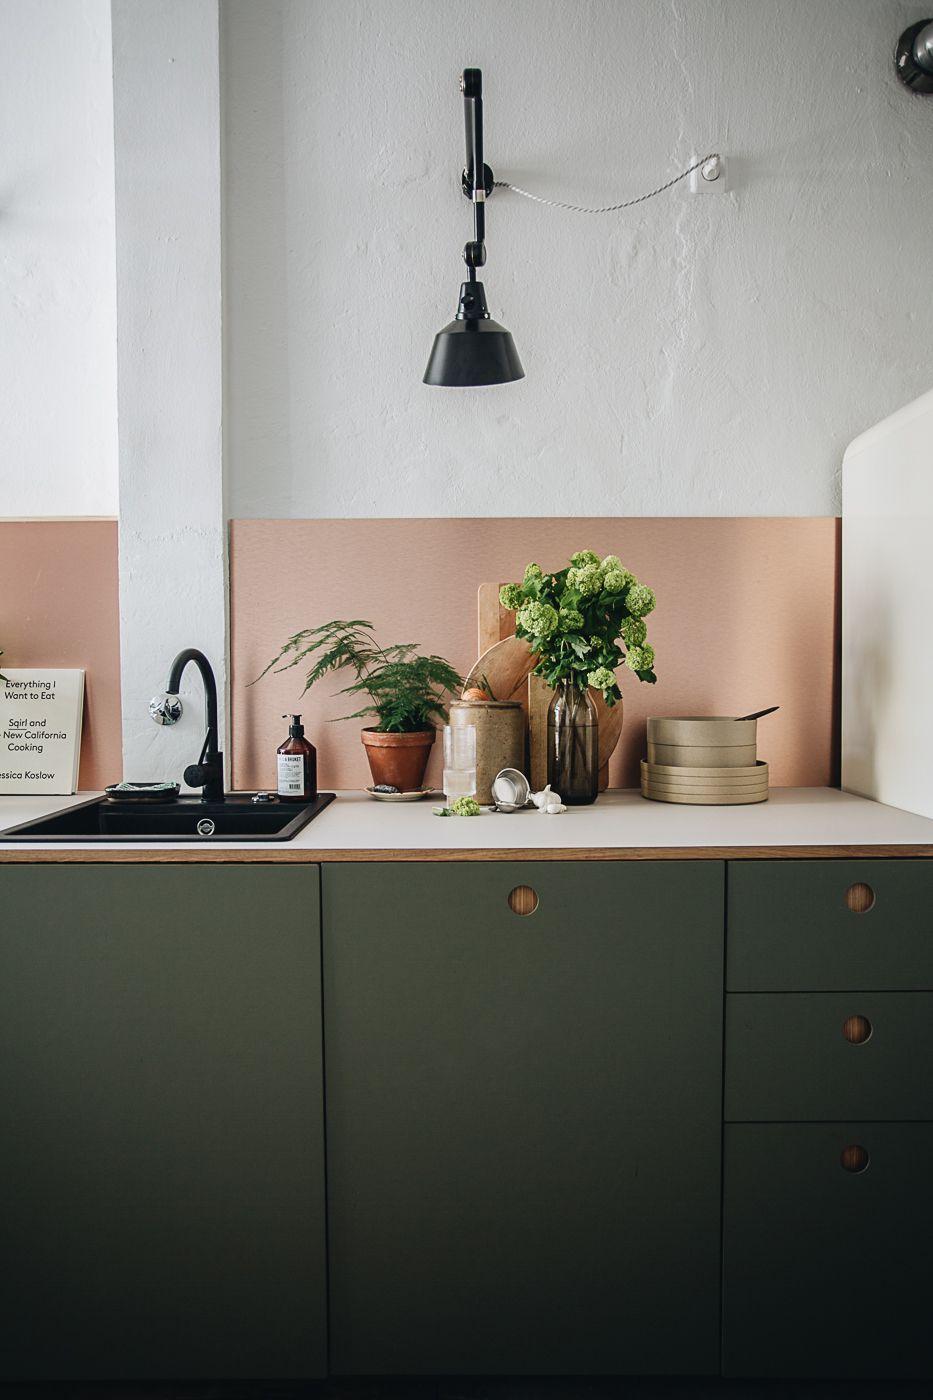 Herzstück: Küche Mit Reform  Décoration intérieure blanc